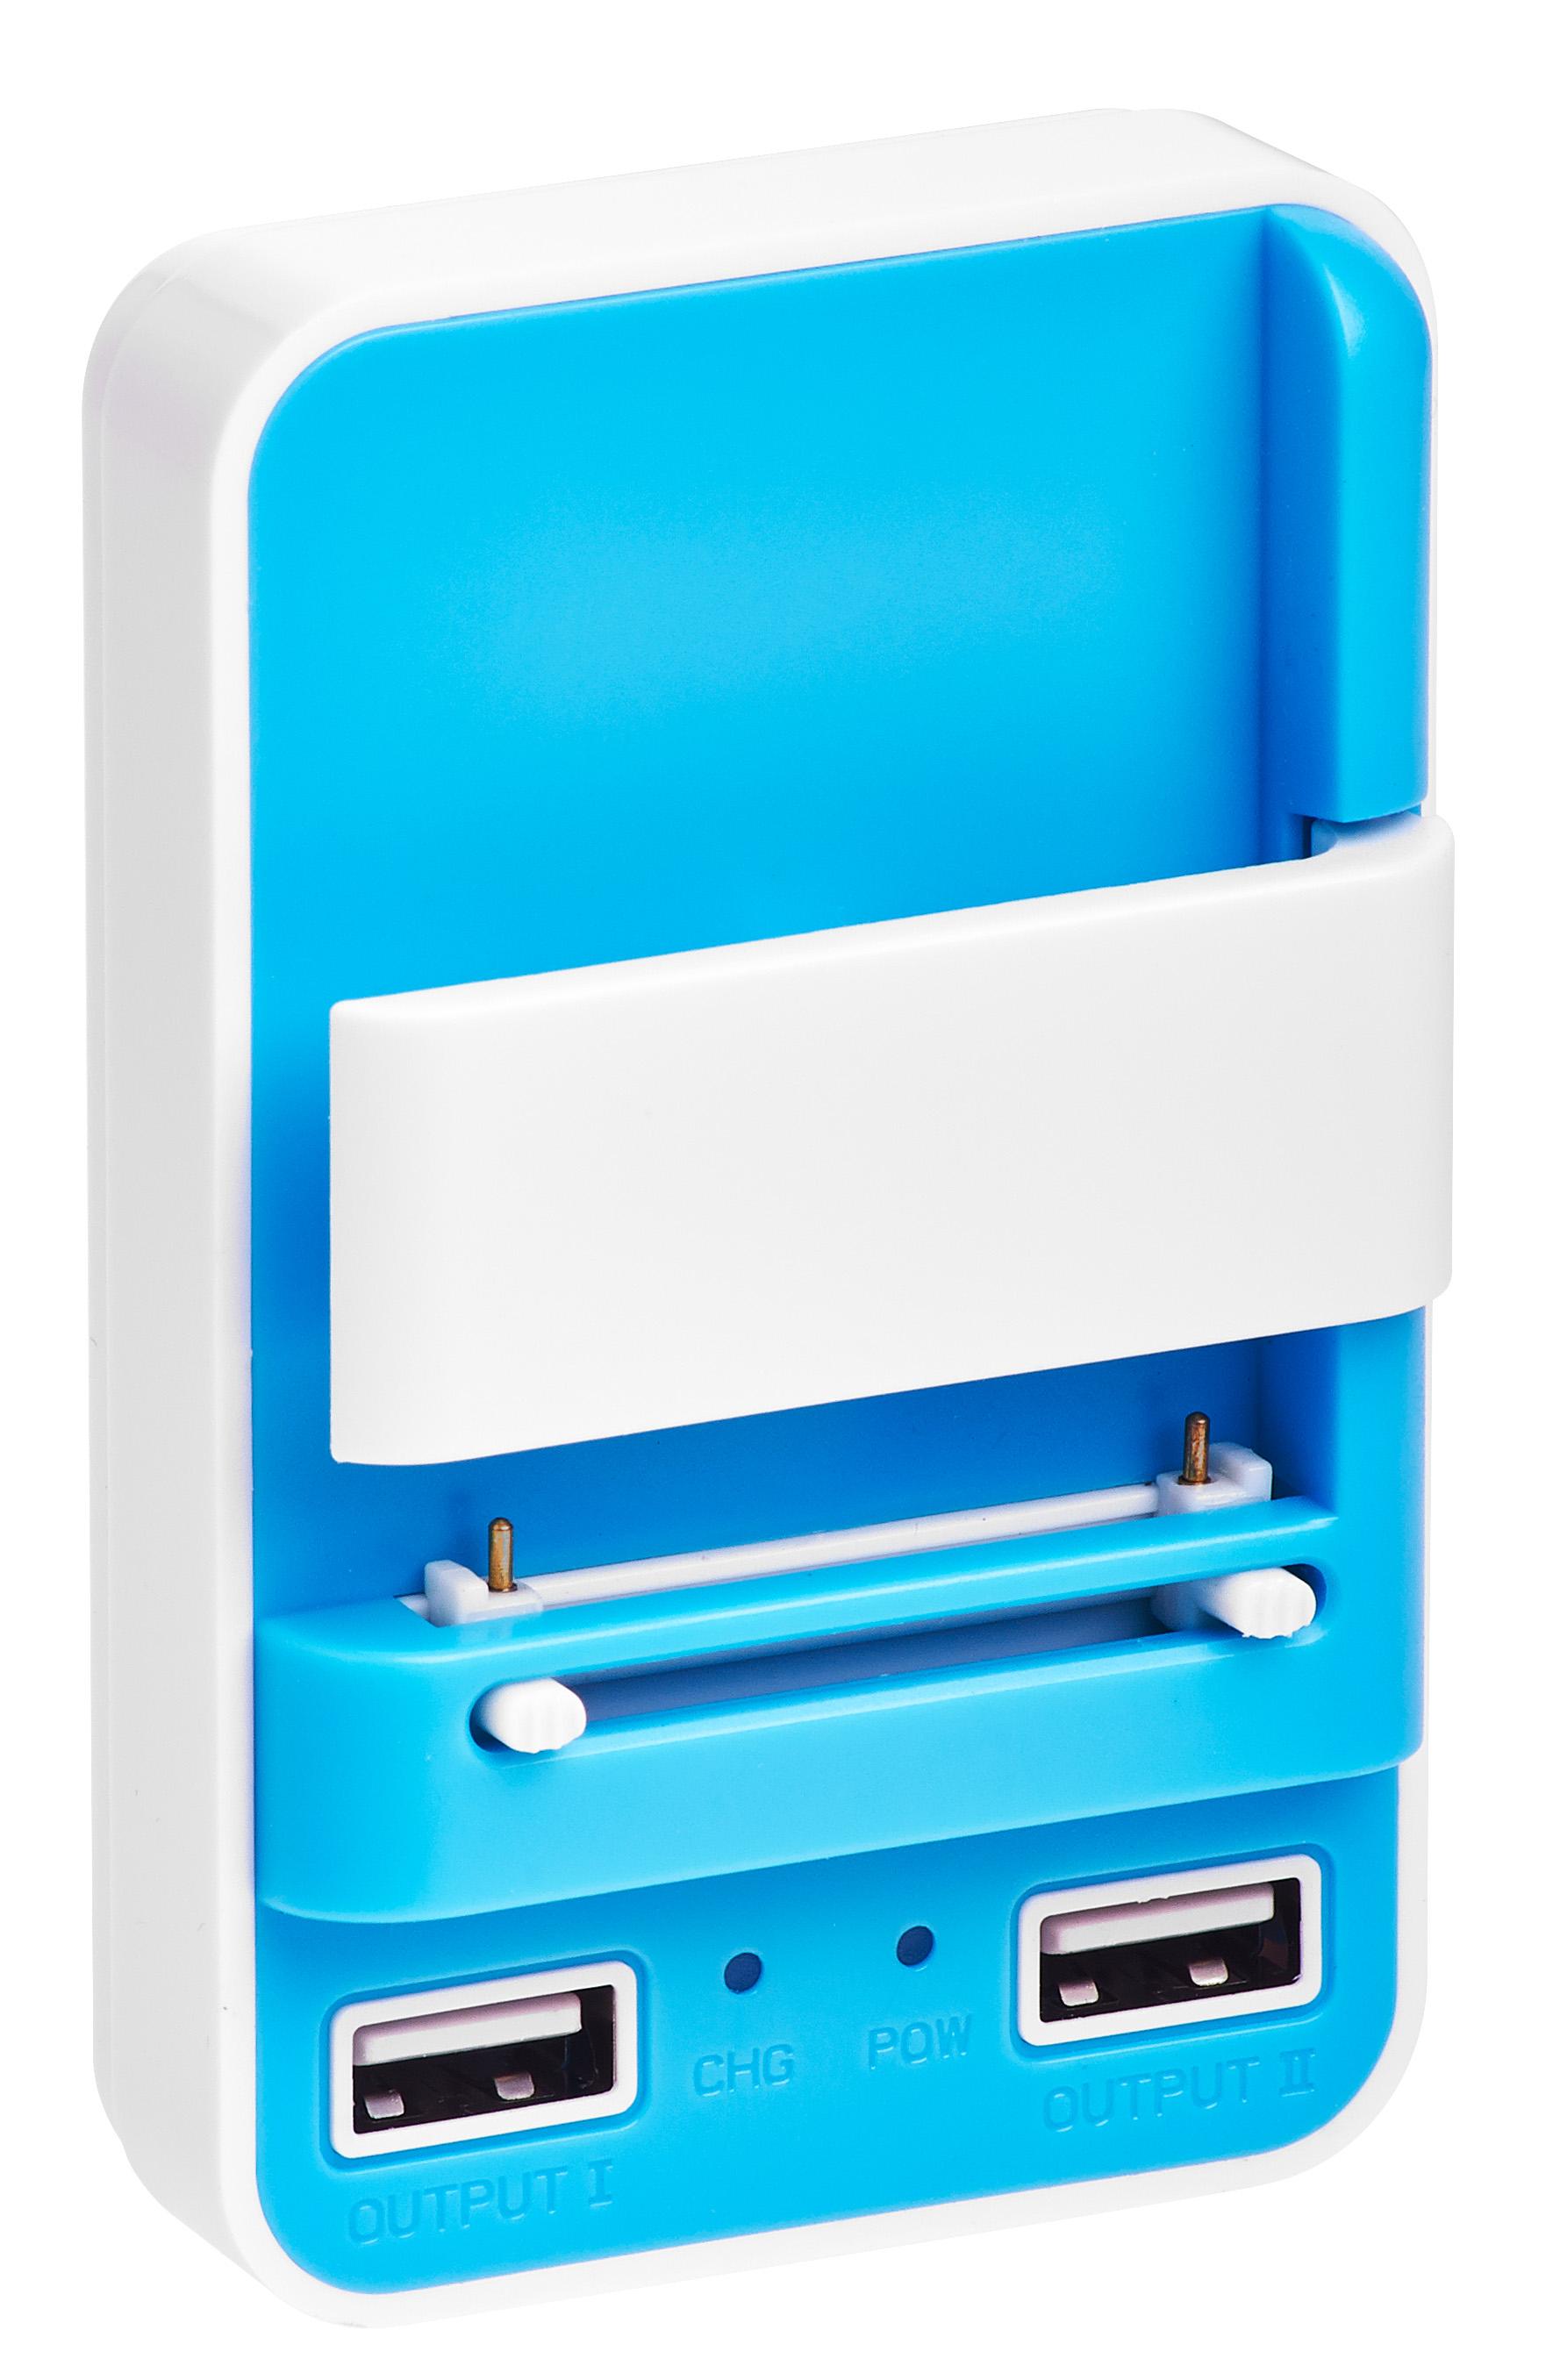 Сетевое зарядное устройство универсальное Partner-цвет голубой